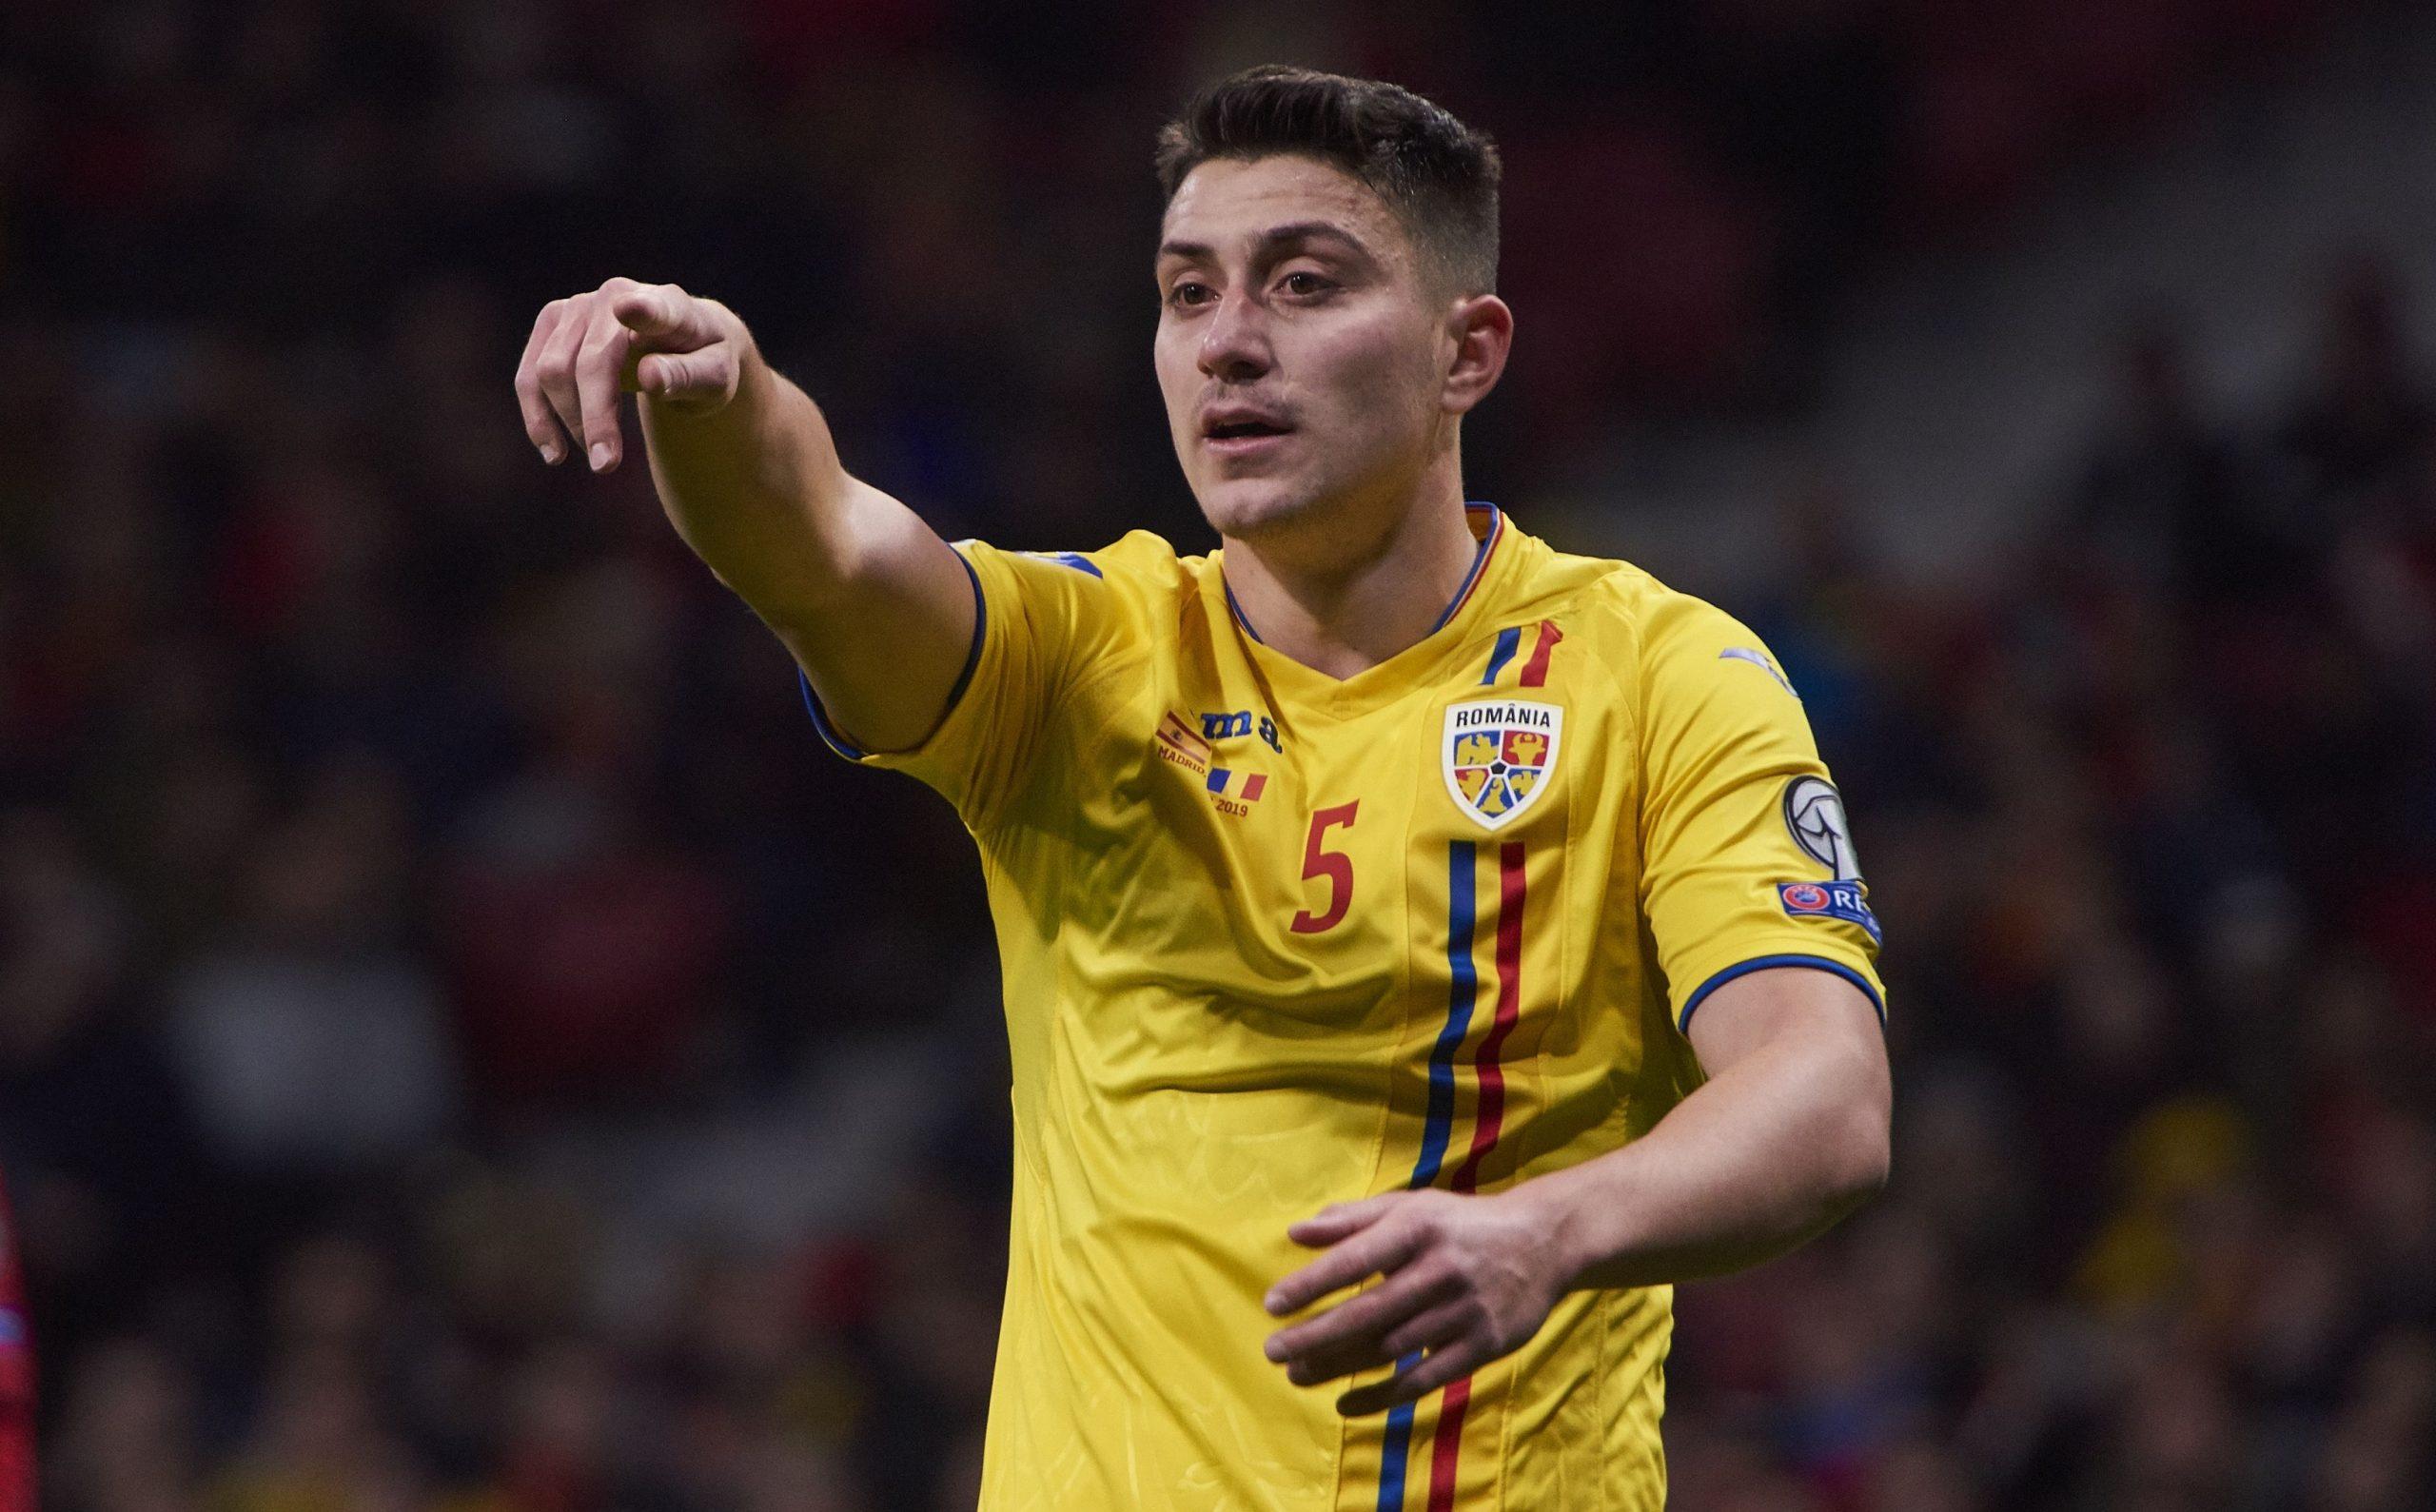 Ionuț Nedelcearu în timpul unui meci între România și Spania